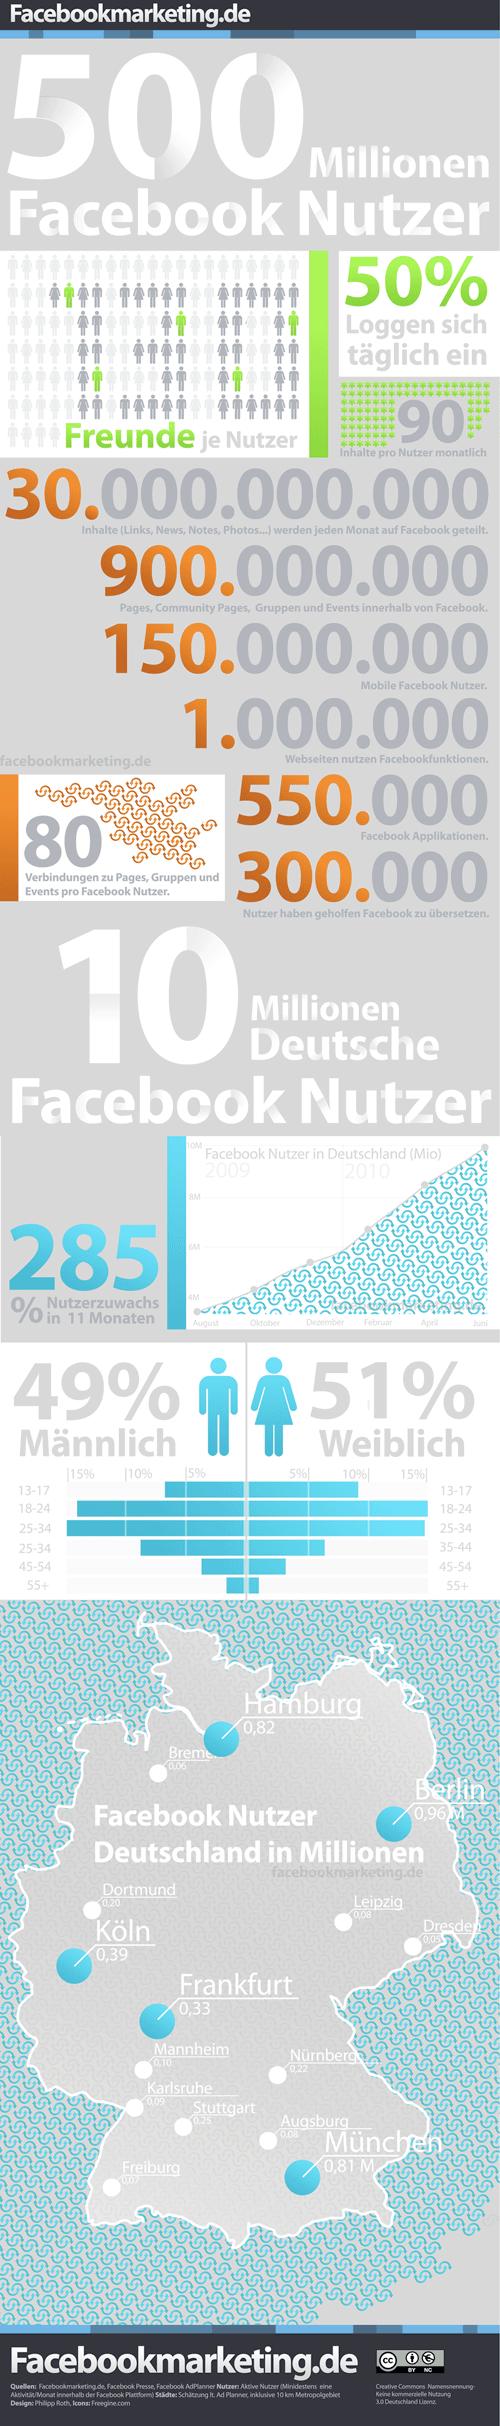 Facebook Infografik – 500 Millionen Nutzer & Facebook Nutzung in Deutschland